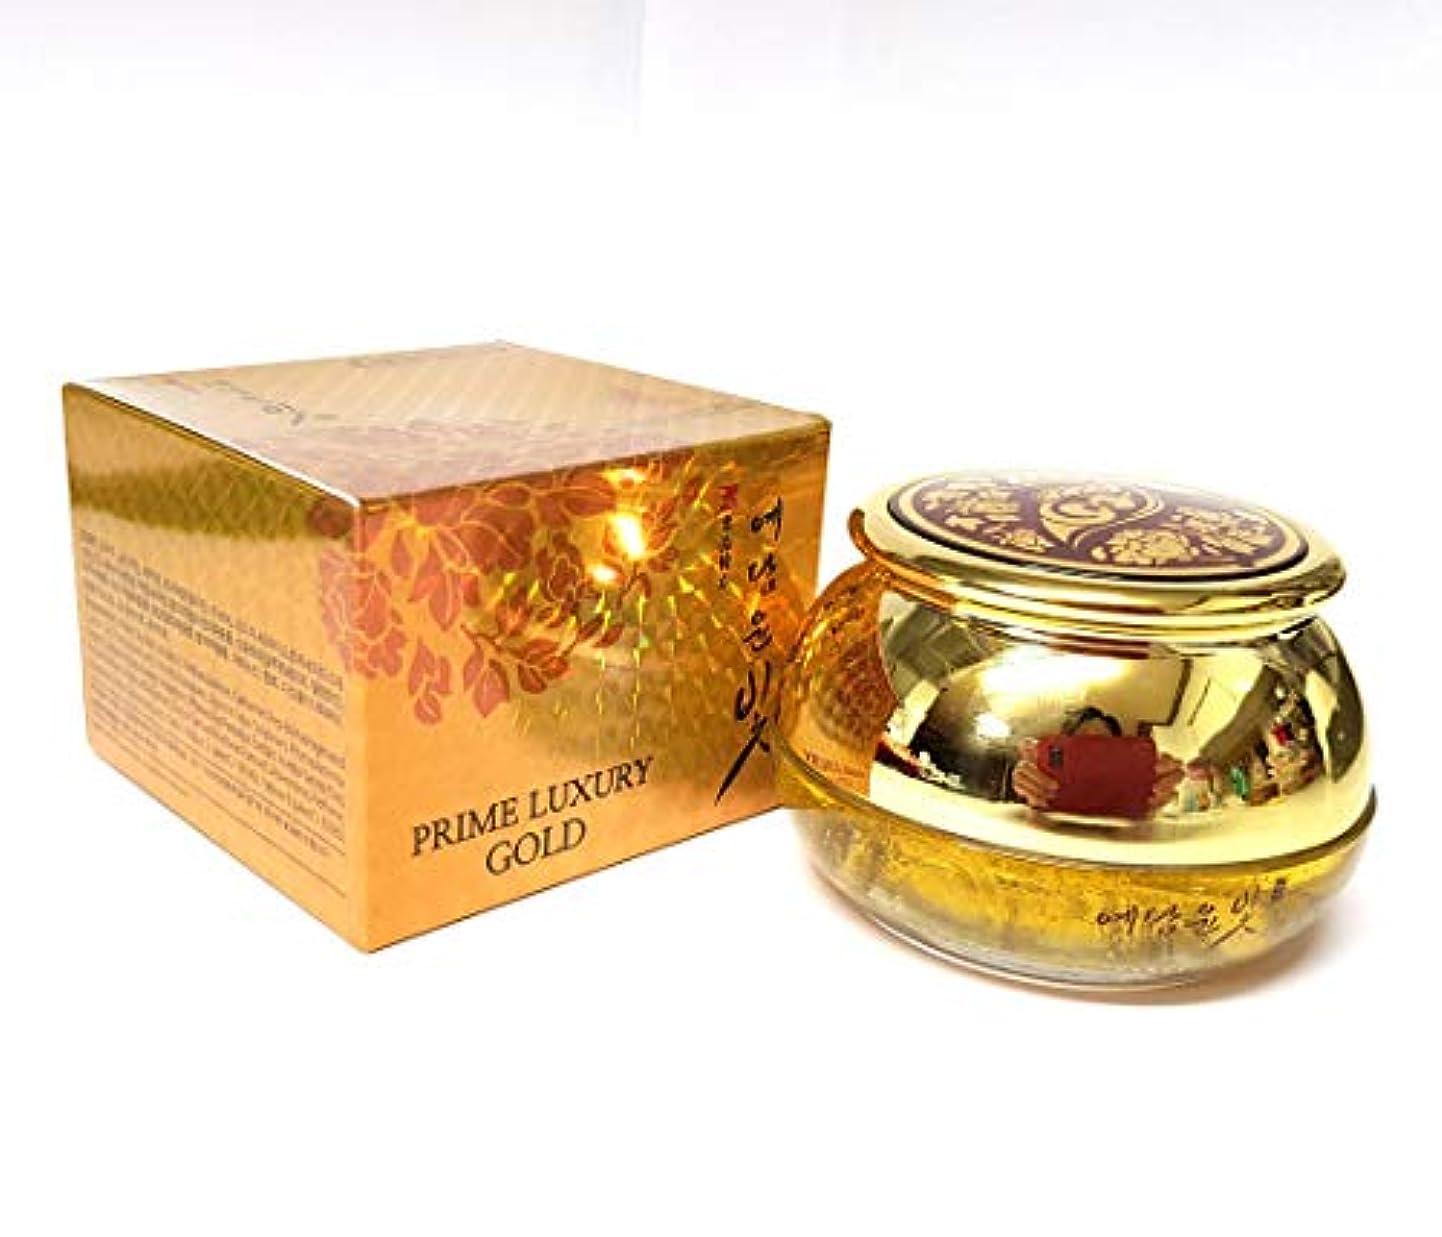 環境保護主義者虎成人期[YEDAM YUNBIT] プライムラグジュアリーゴールドリフティングクリーム50g/ Prime Luxury Gold Lifting Cream 50g /ゴールドエキス/gold extract/しわ改善、保湿...